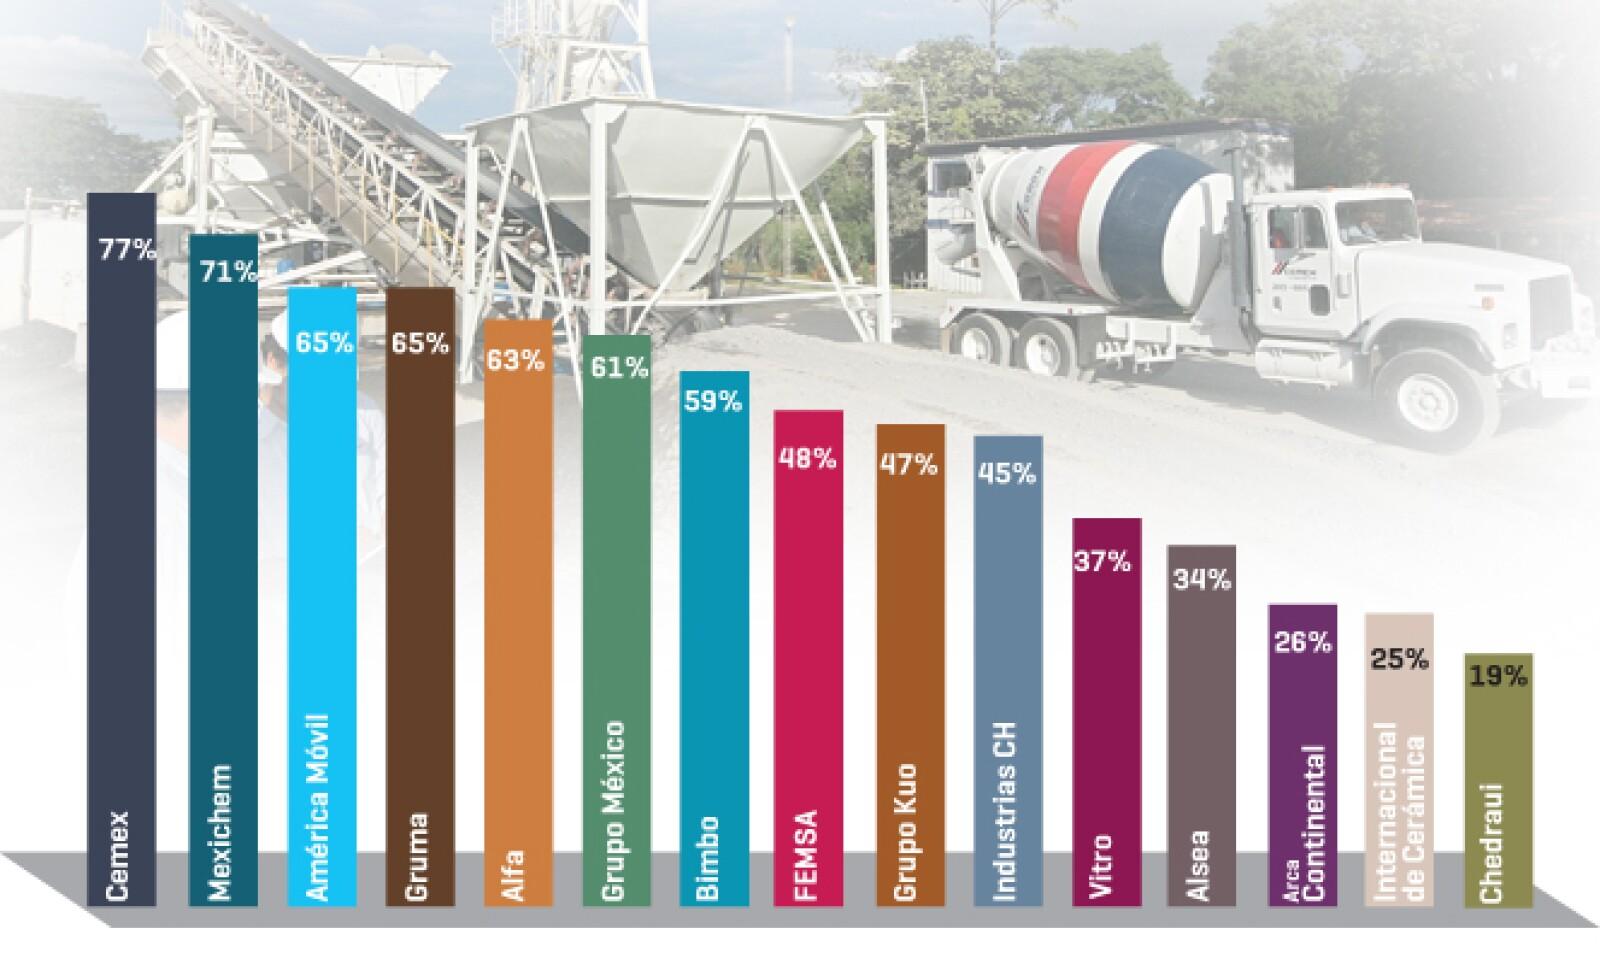 Los ingresos generados fuera de México representan para 14 empresas más de una cuarta parte del total.